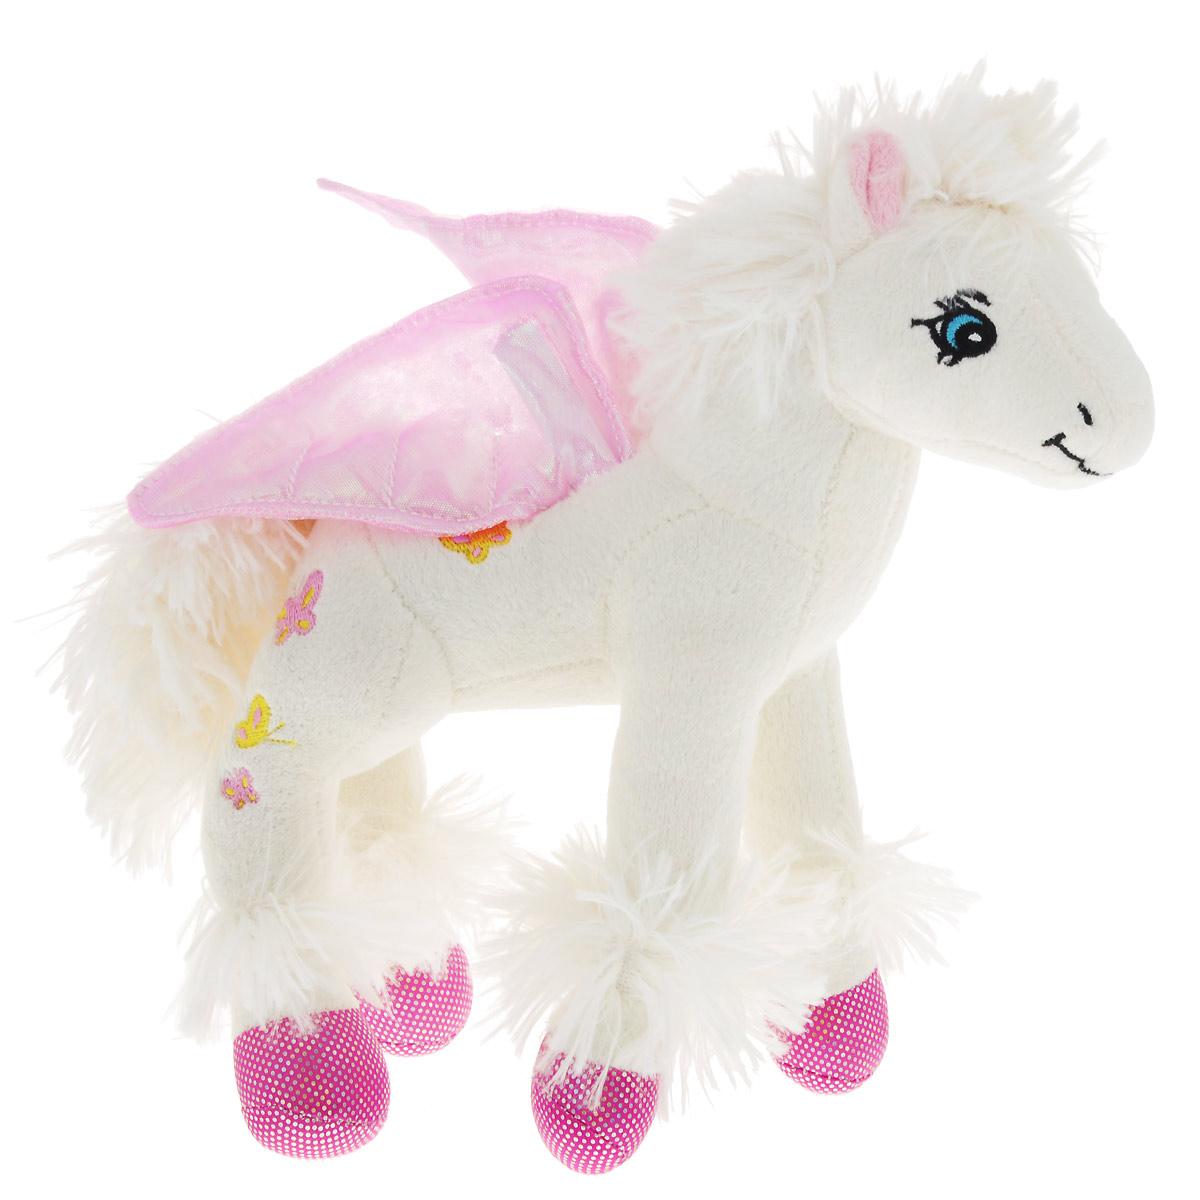 Мягкая игрушка Fancy Лошадка-пегас, 25 смПГС01Очаровательная мягкая игрушка Fancy Лошадка-пегас выполнена в виде сказочного пегаса. Игрушка изготовлена из высококачественного текстильного материала с набивкой из полиэфирного волокна. Грива и хвостик лошадки выполнены из нежного, приятного на ощупь материала. За спиной лошадки - красочные блестящие крылья; спинка вышита бабочками. Игрушка не имеет твердых элементов и подойдет для самых маленьких - даже ее глазки вышиты нитками. Удивительно мягкая игрушка принесет радость и подарит своему обладателю мгновения нежных объятий и приятных воспоминаний. Великолепное качество исполнения делают эту игрушку чудесным подарком к любому празднику.